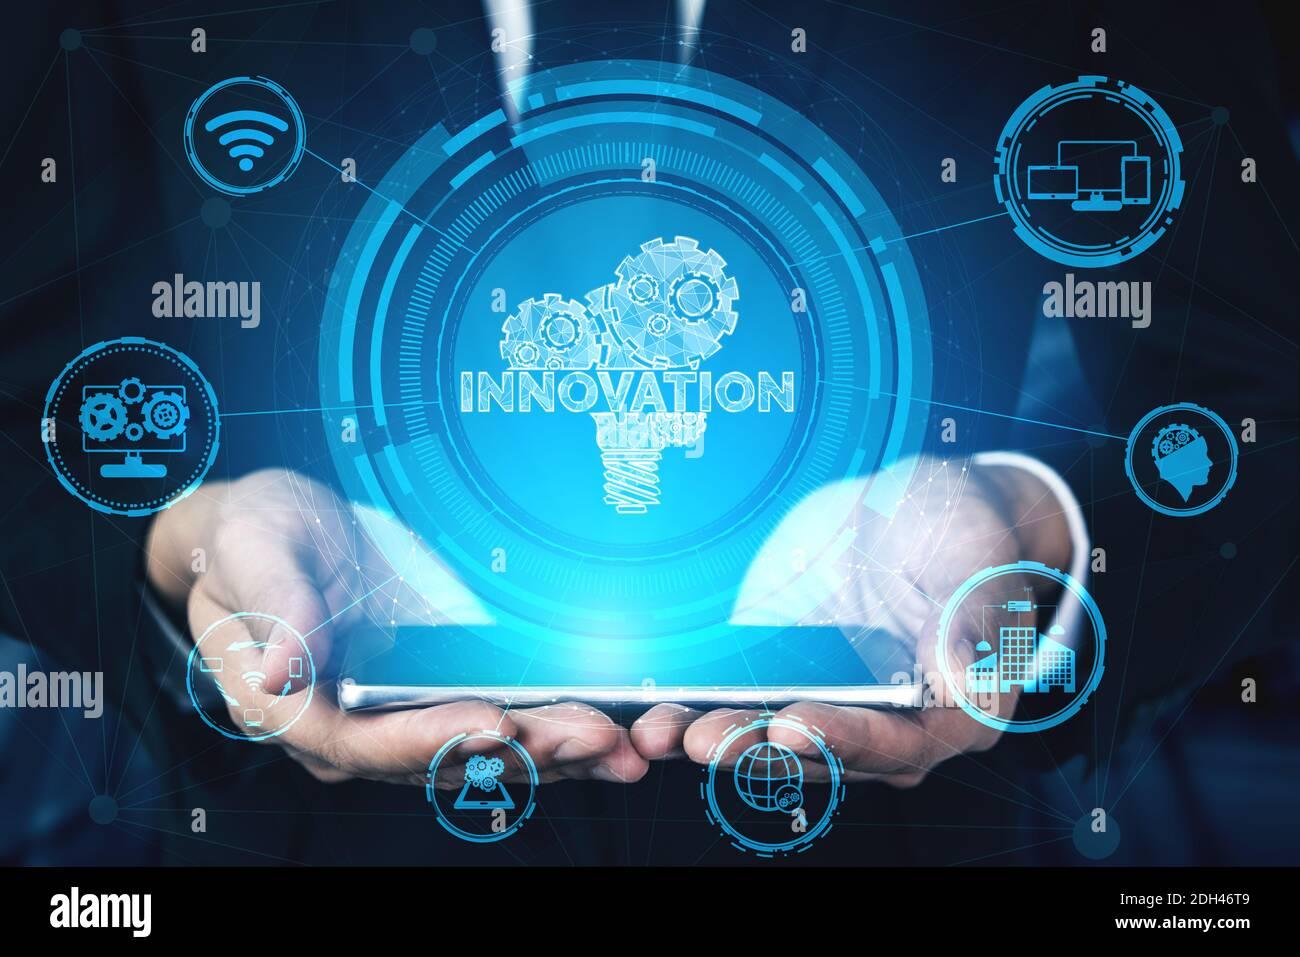 Concetto di Innovation Technology for Business Finance. Interfaccia grafica moderna che mostra il simbolo di idee innovative di pensiero, ricerca e sviluppo Foto Stock